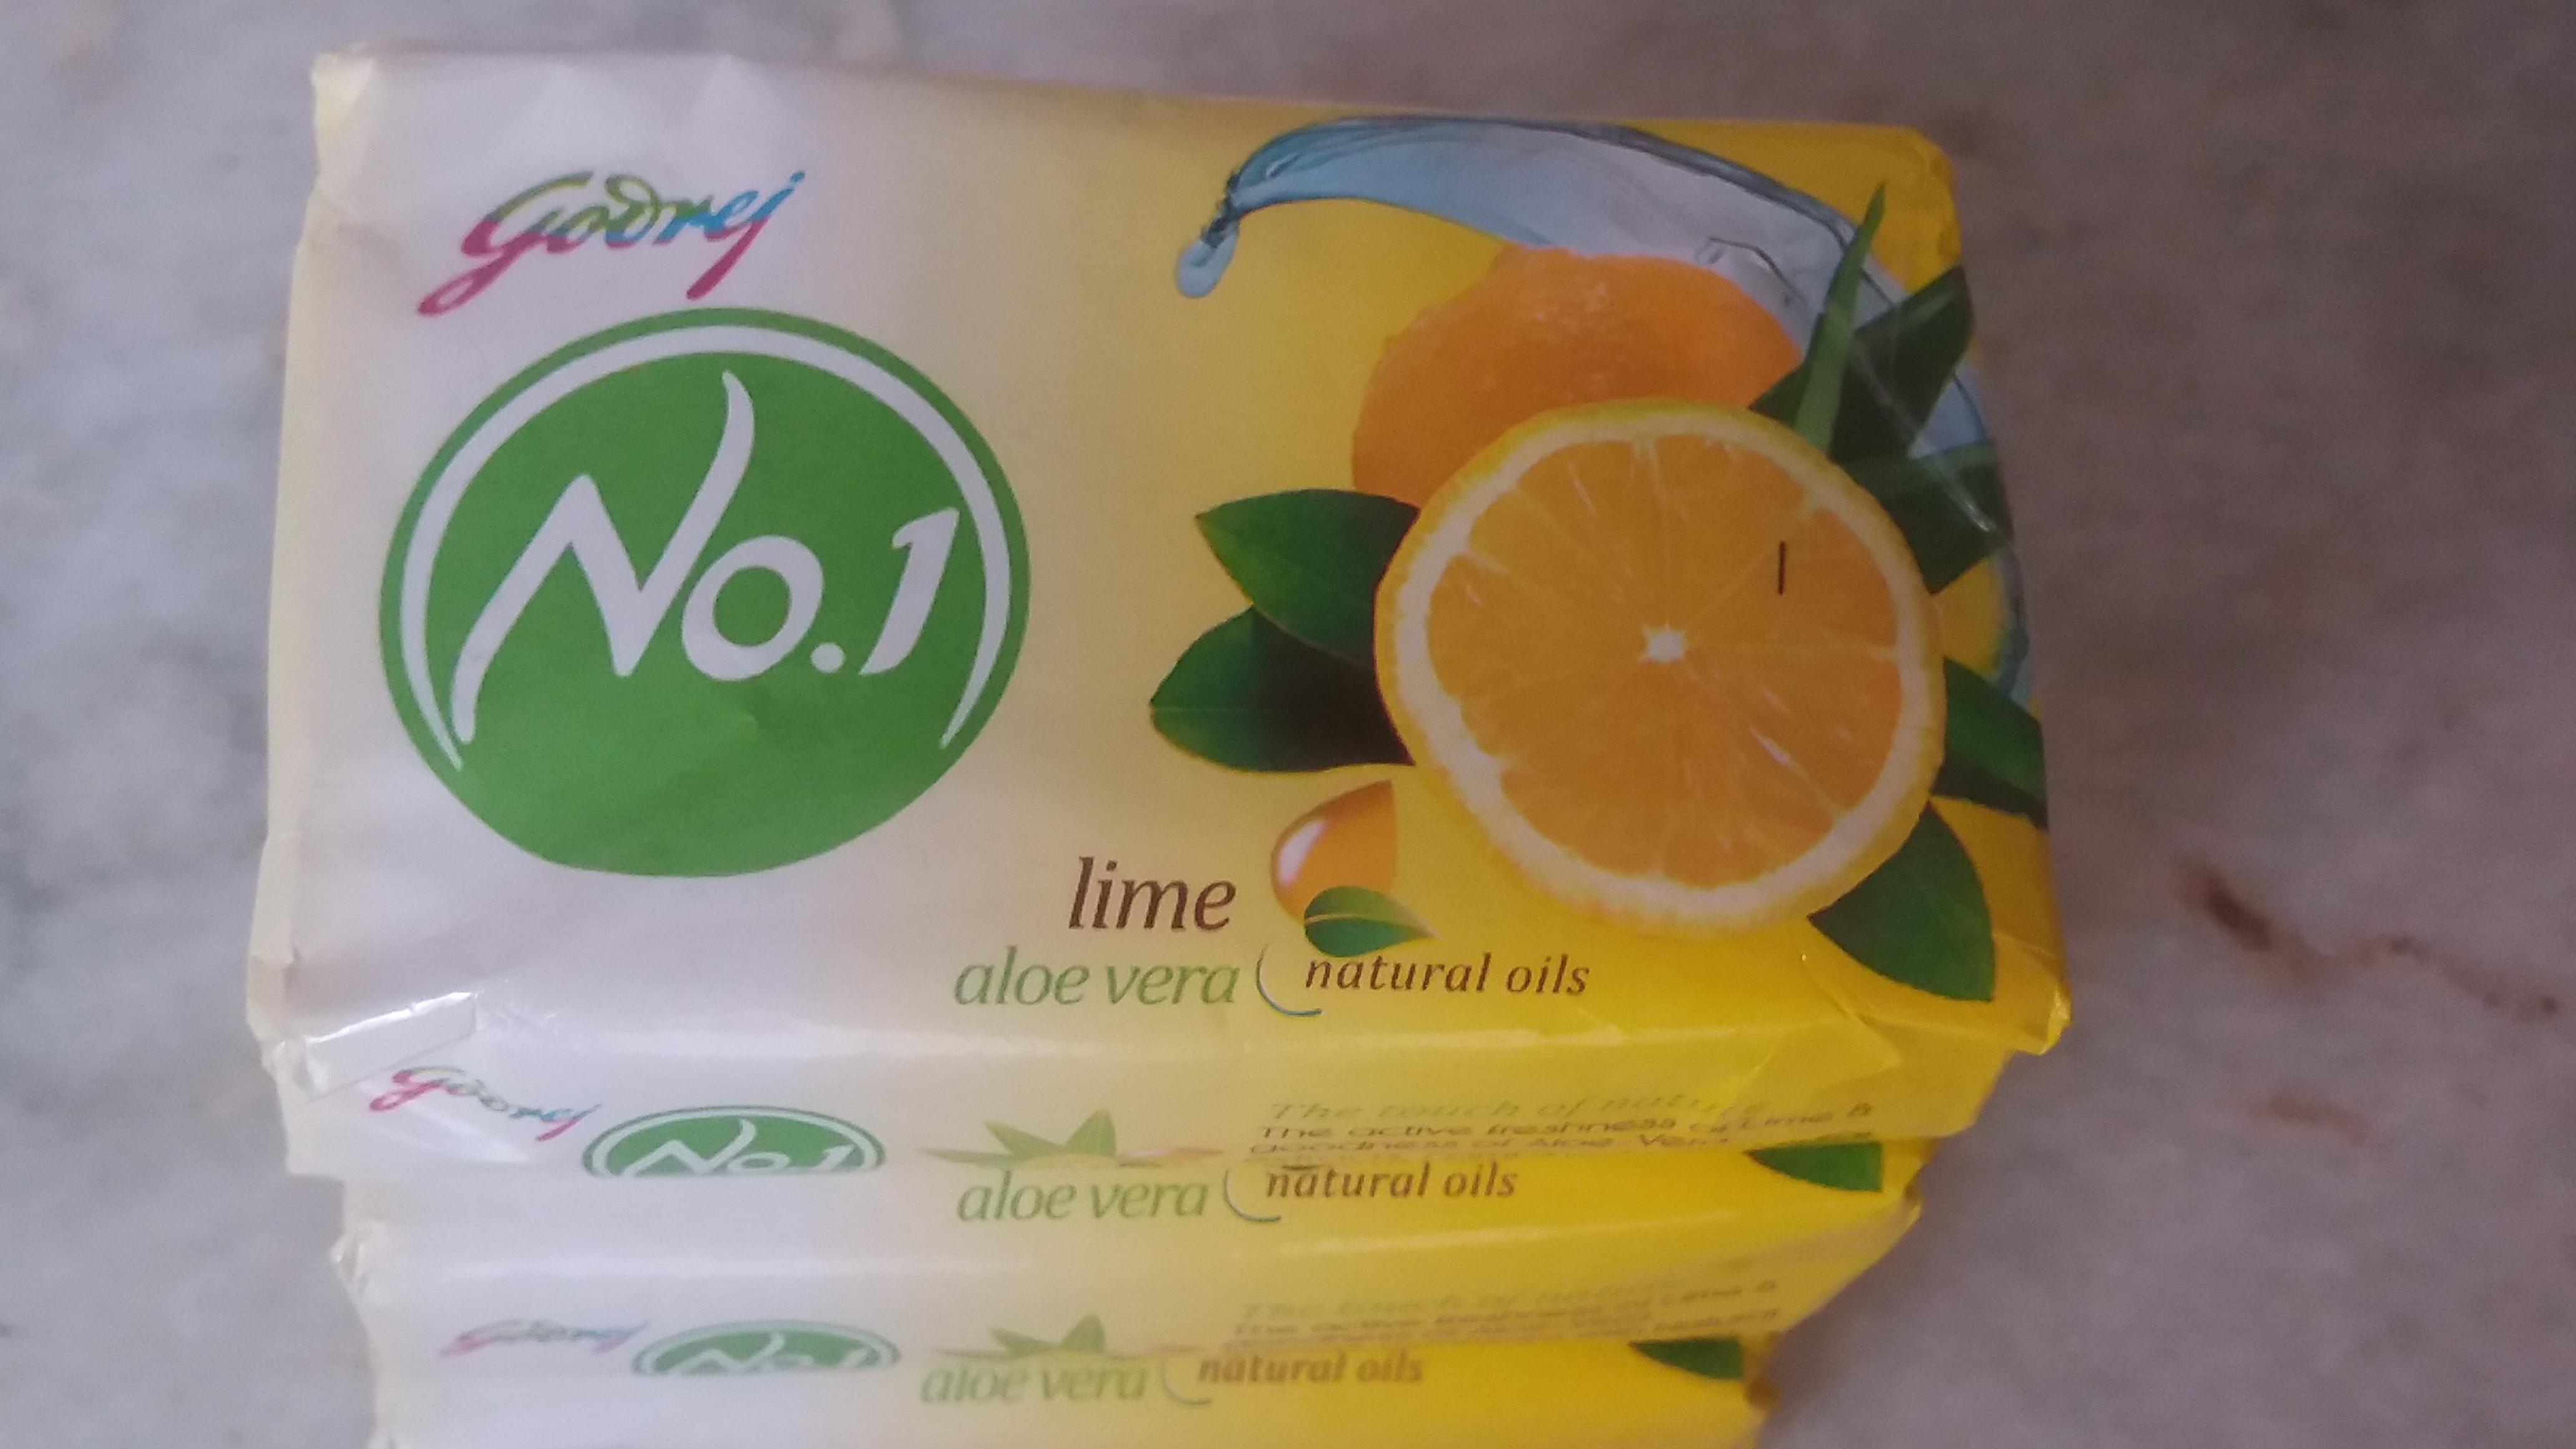 Godrej No 1 Soap Review Godrej No 1 Soap Prices Godrej